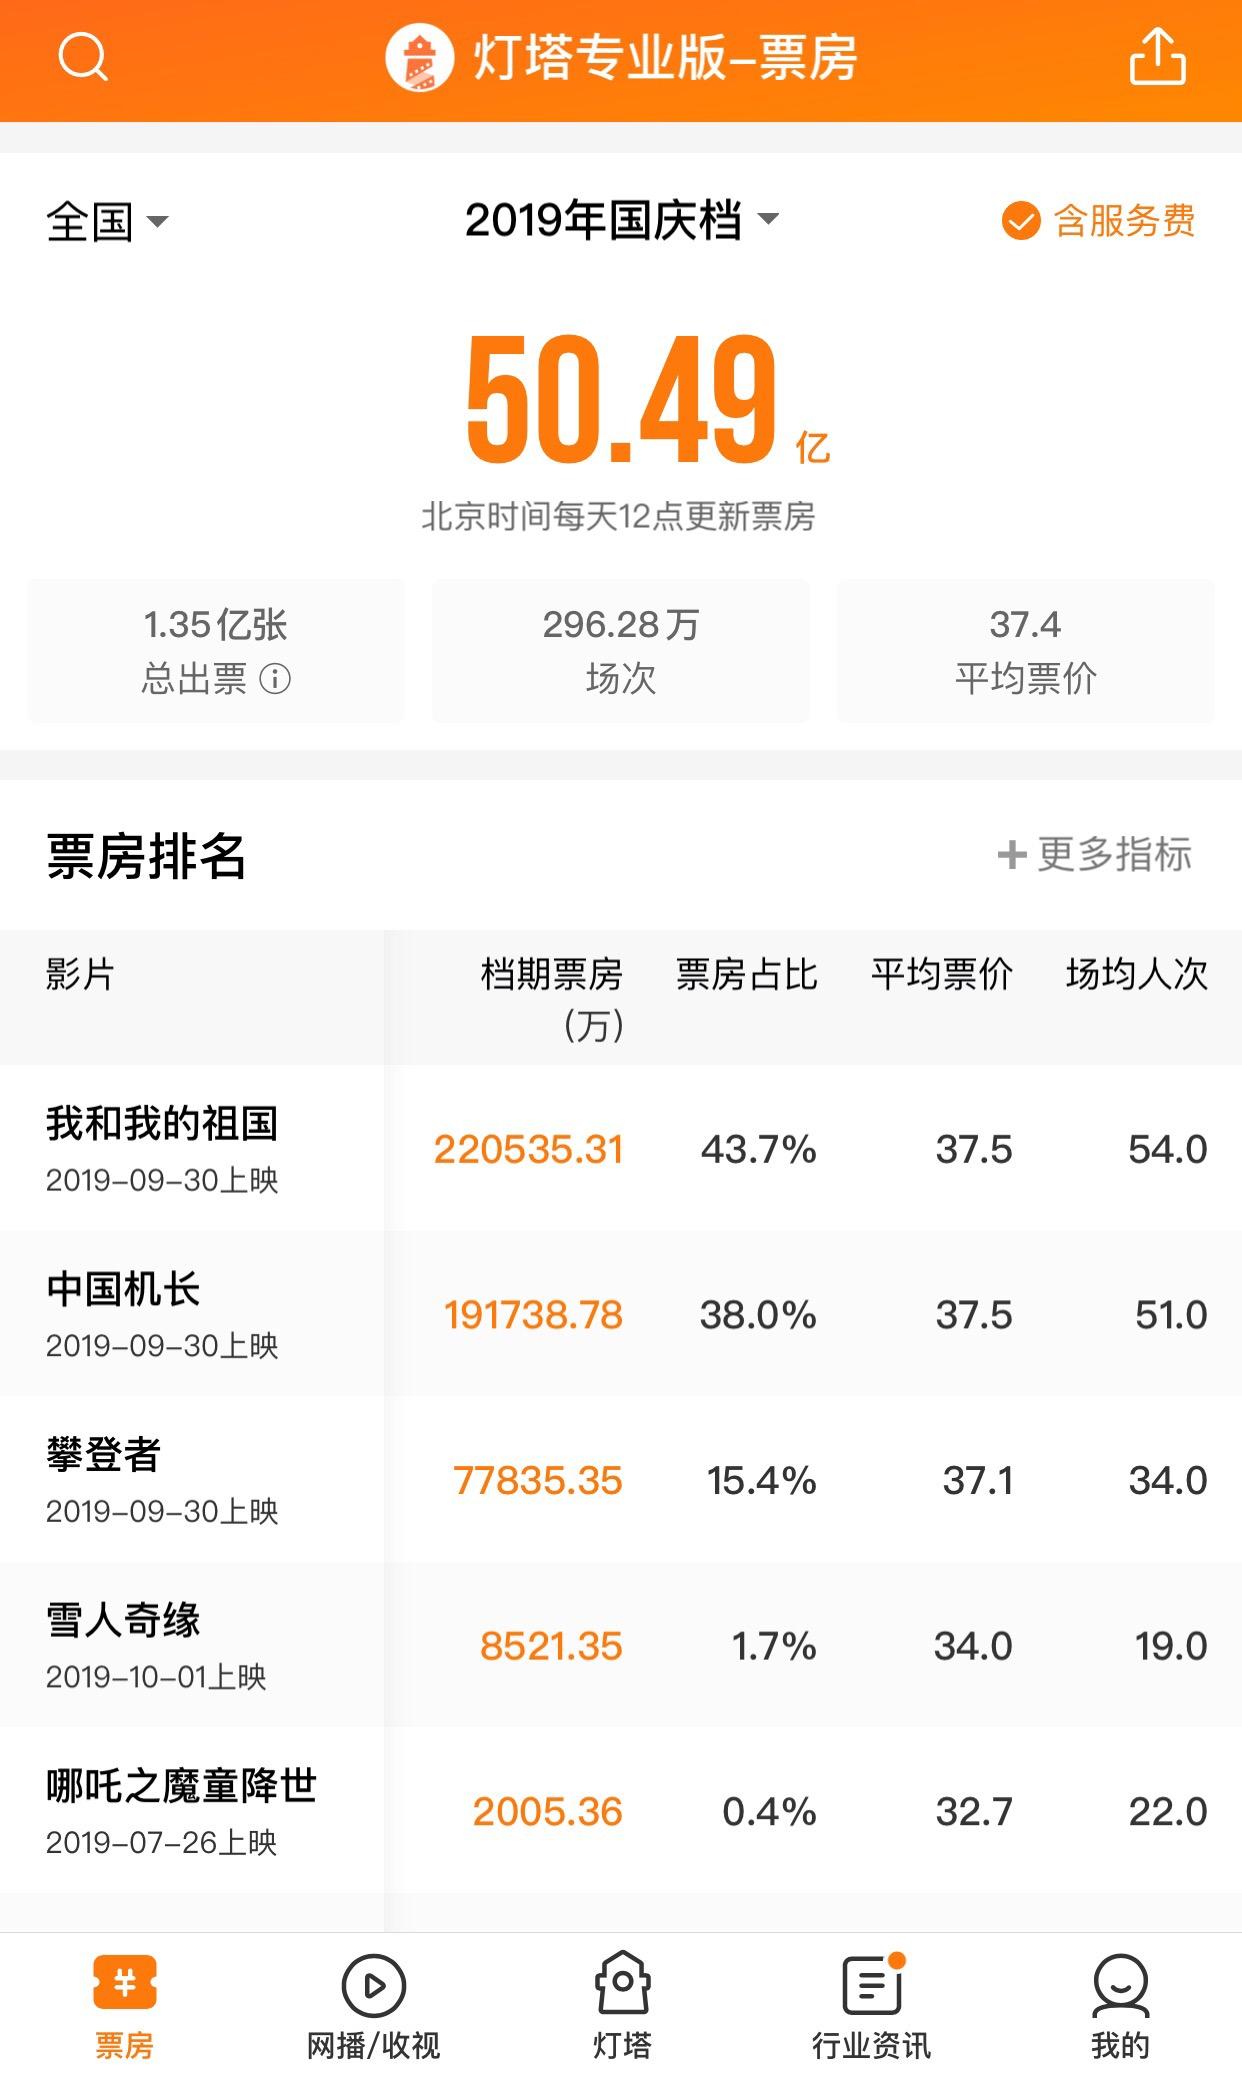 国庆档票房超50亿,三部主旋律影片占97%